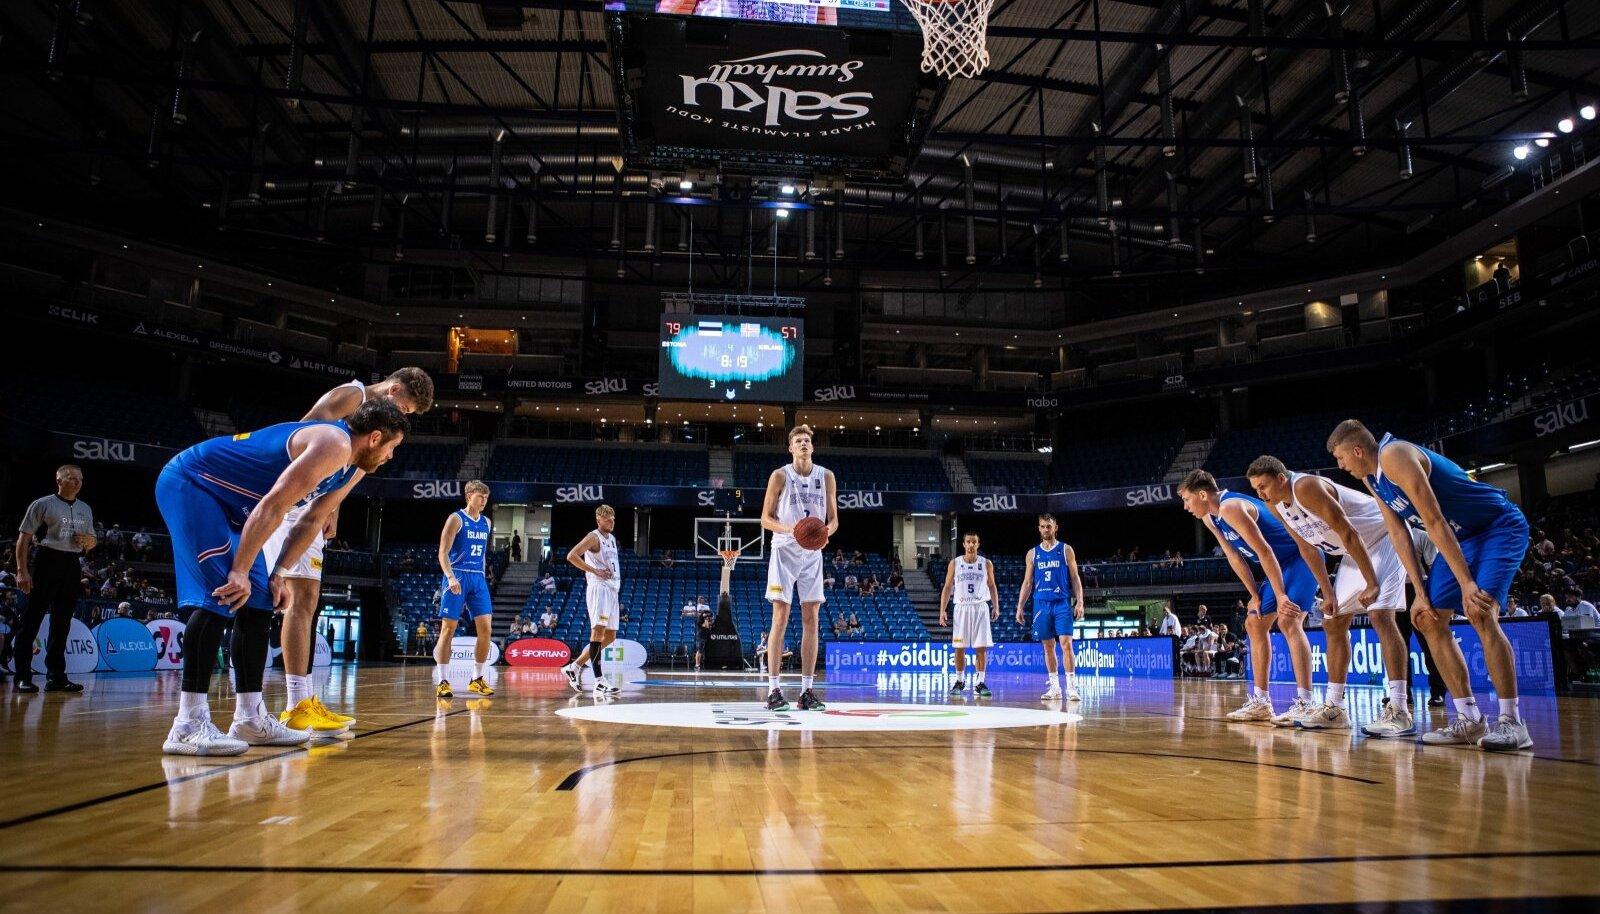 Eesti korvpallikoondise mäng Saku suurhallis.